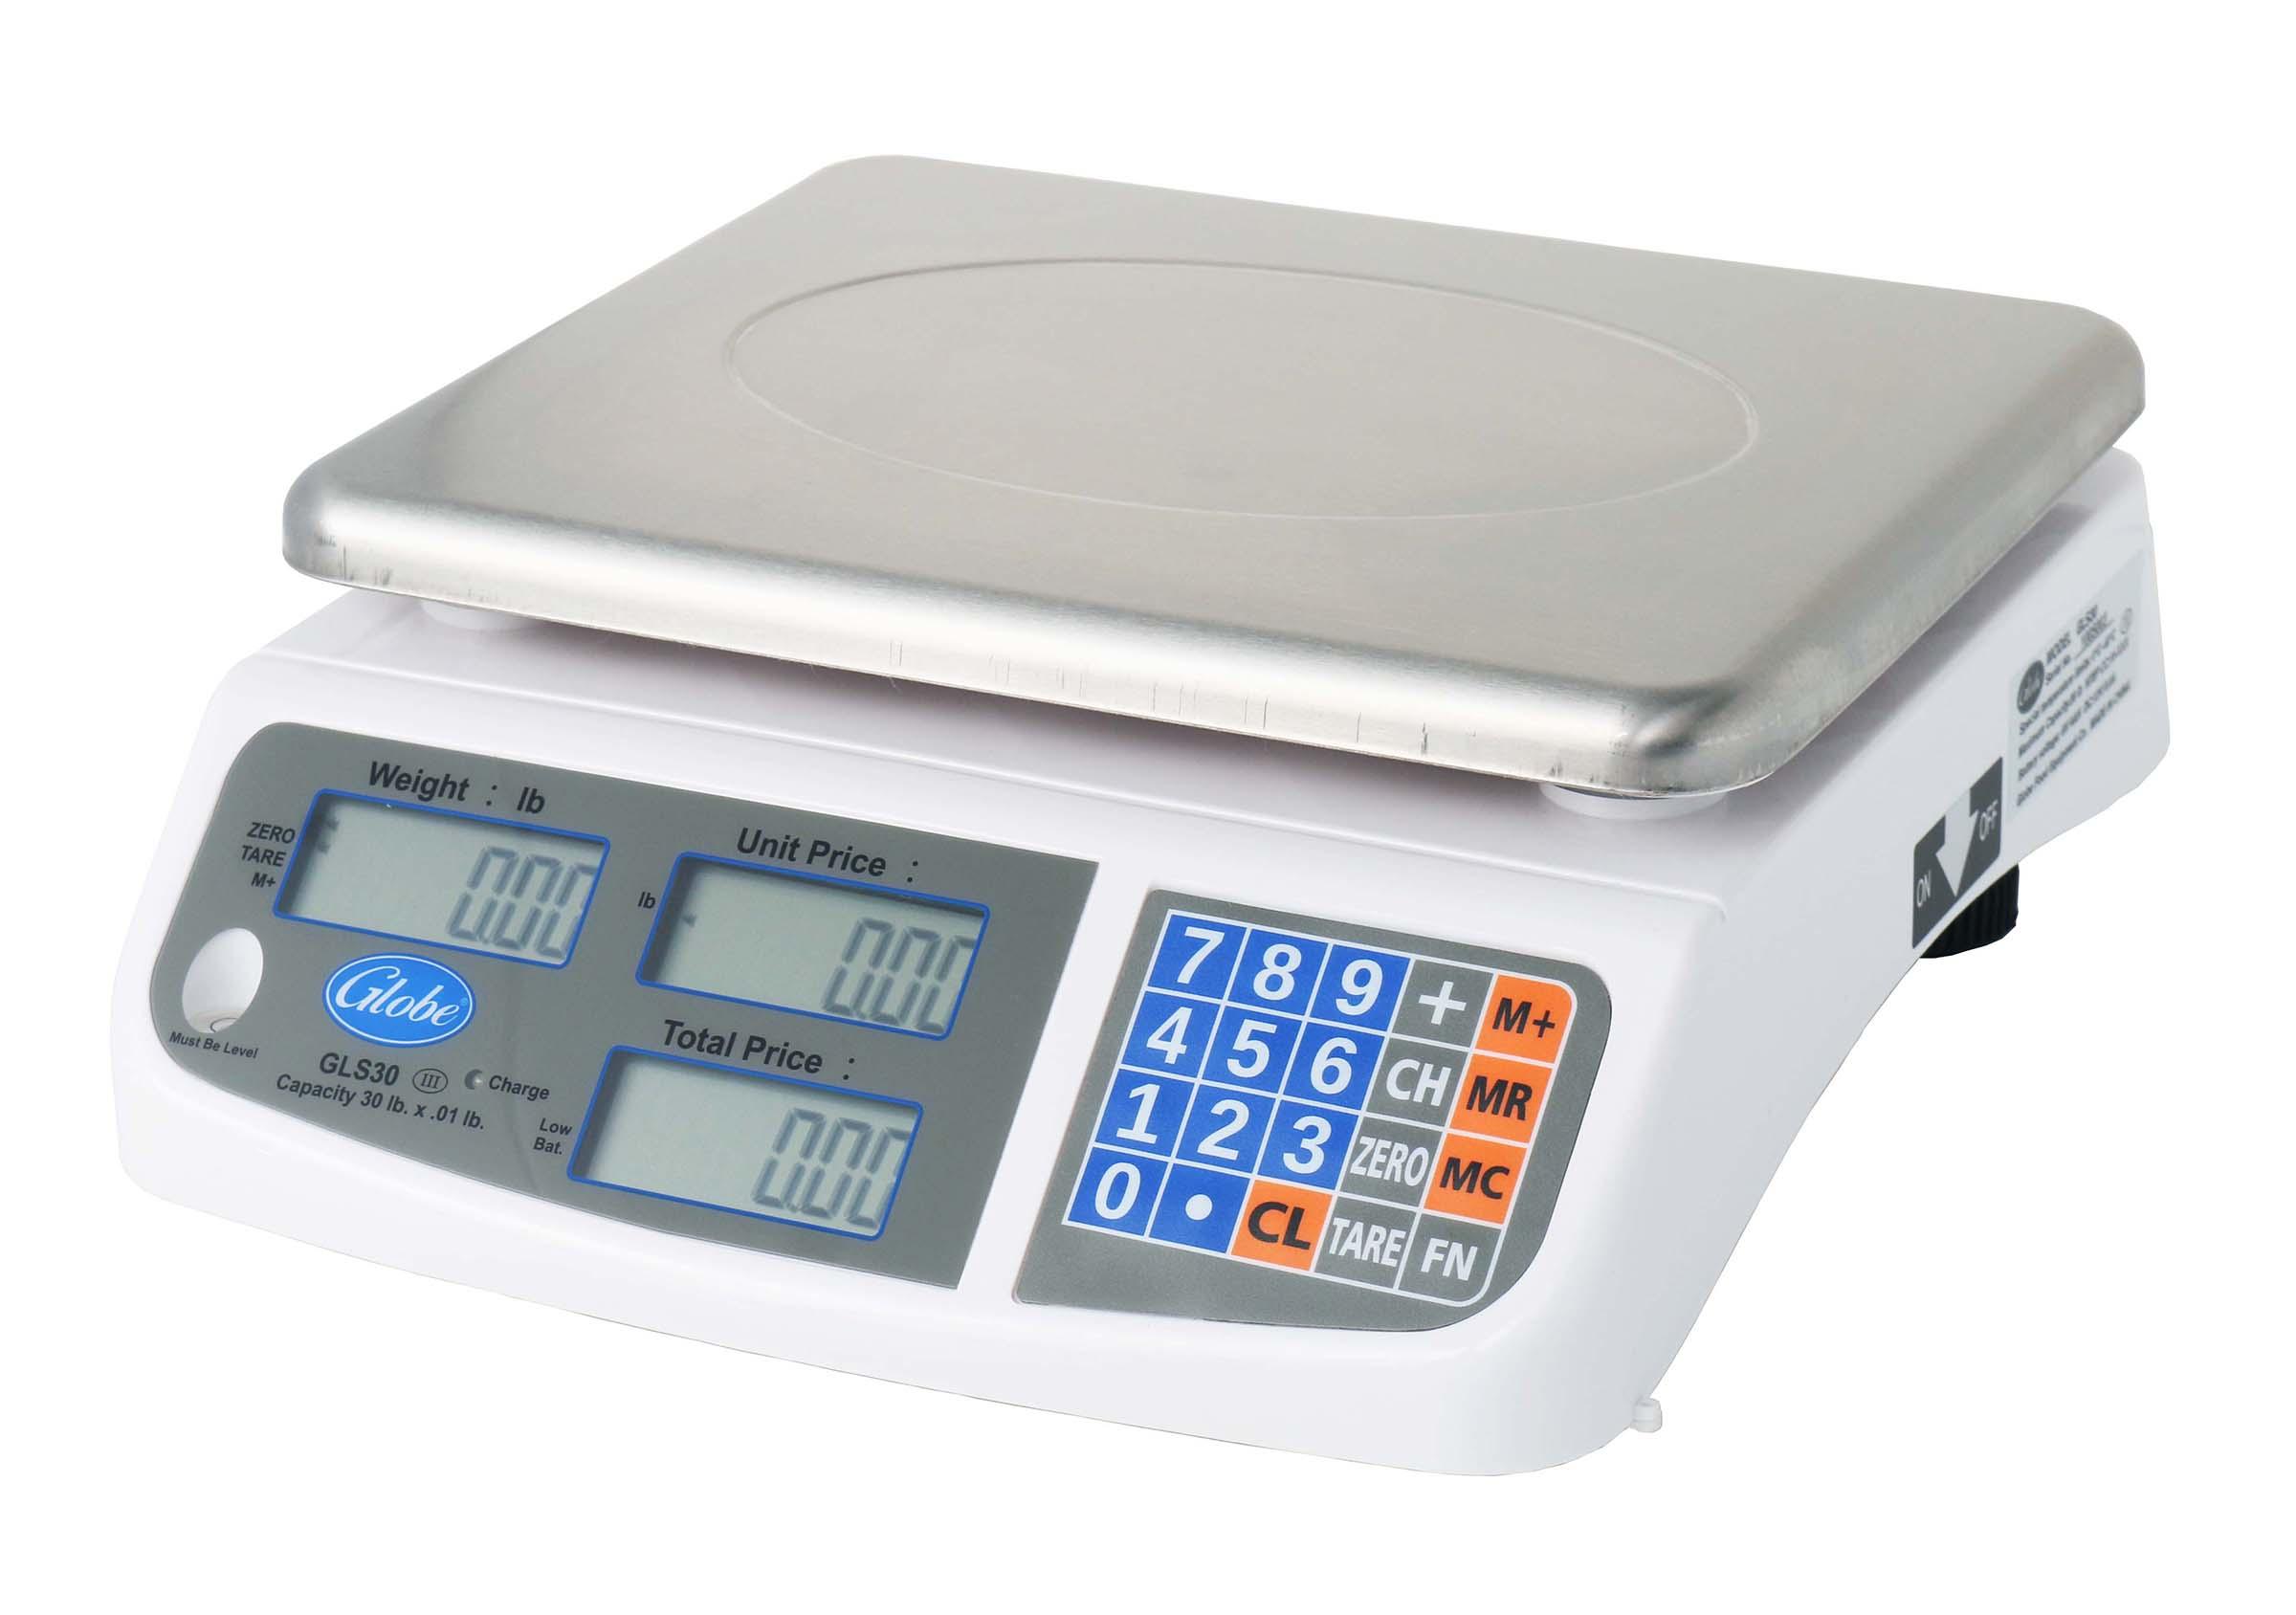 Globe GLS30 scale, price computing